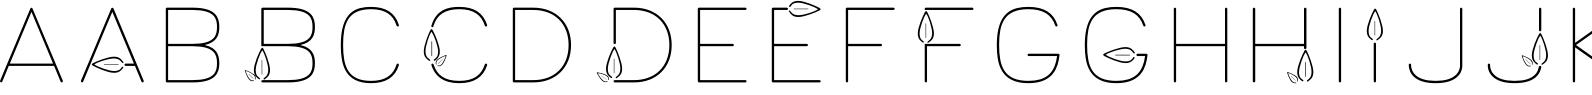 Lush Typeface